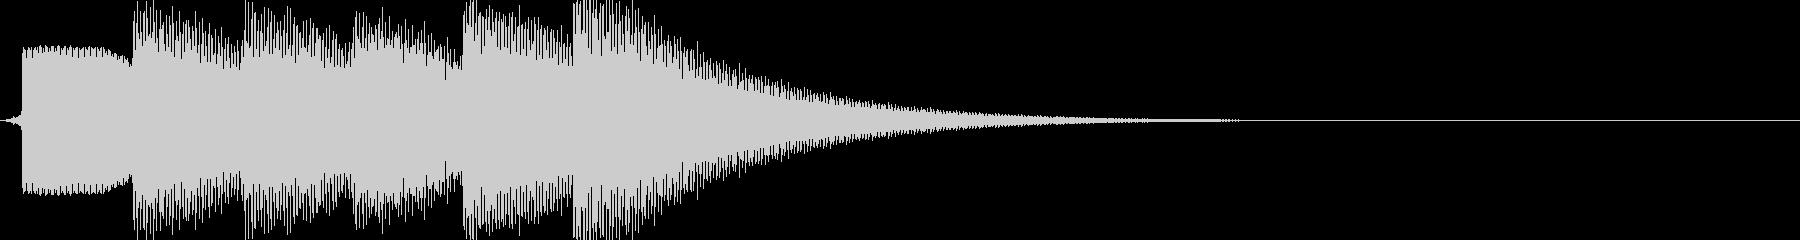 ピンポンピンポンピンポン(正解)の未再生の波形